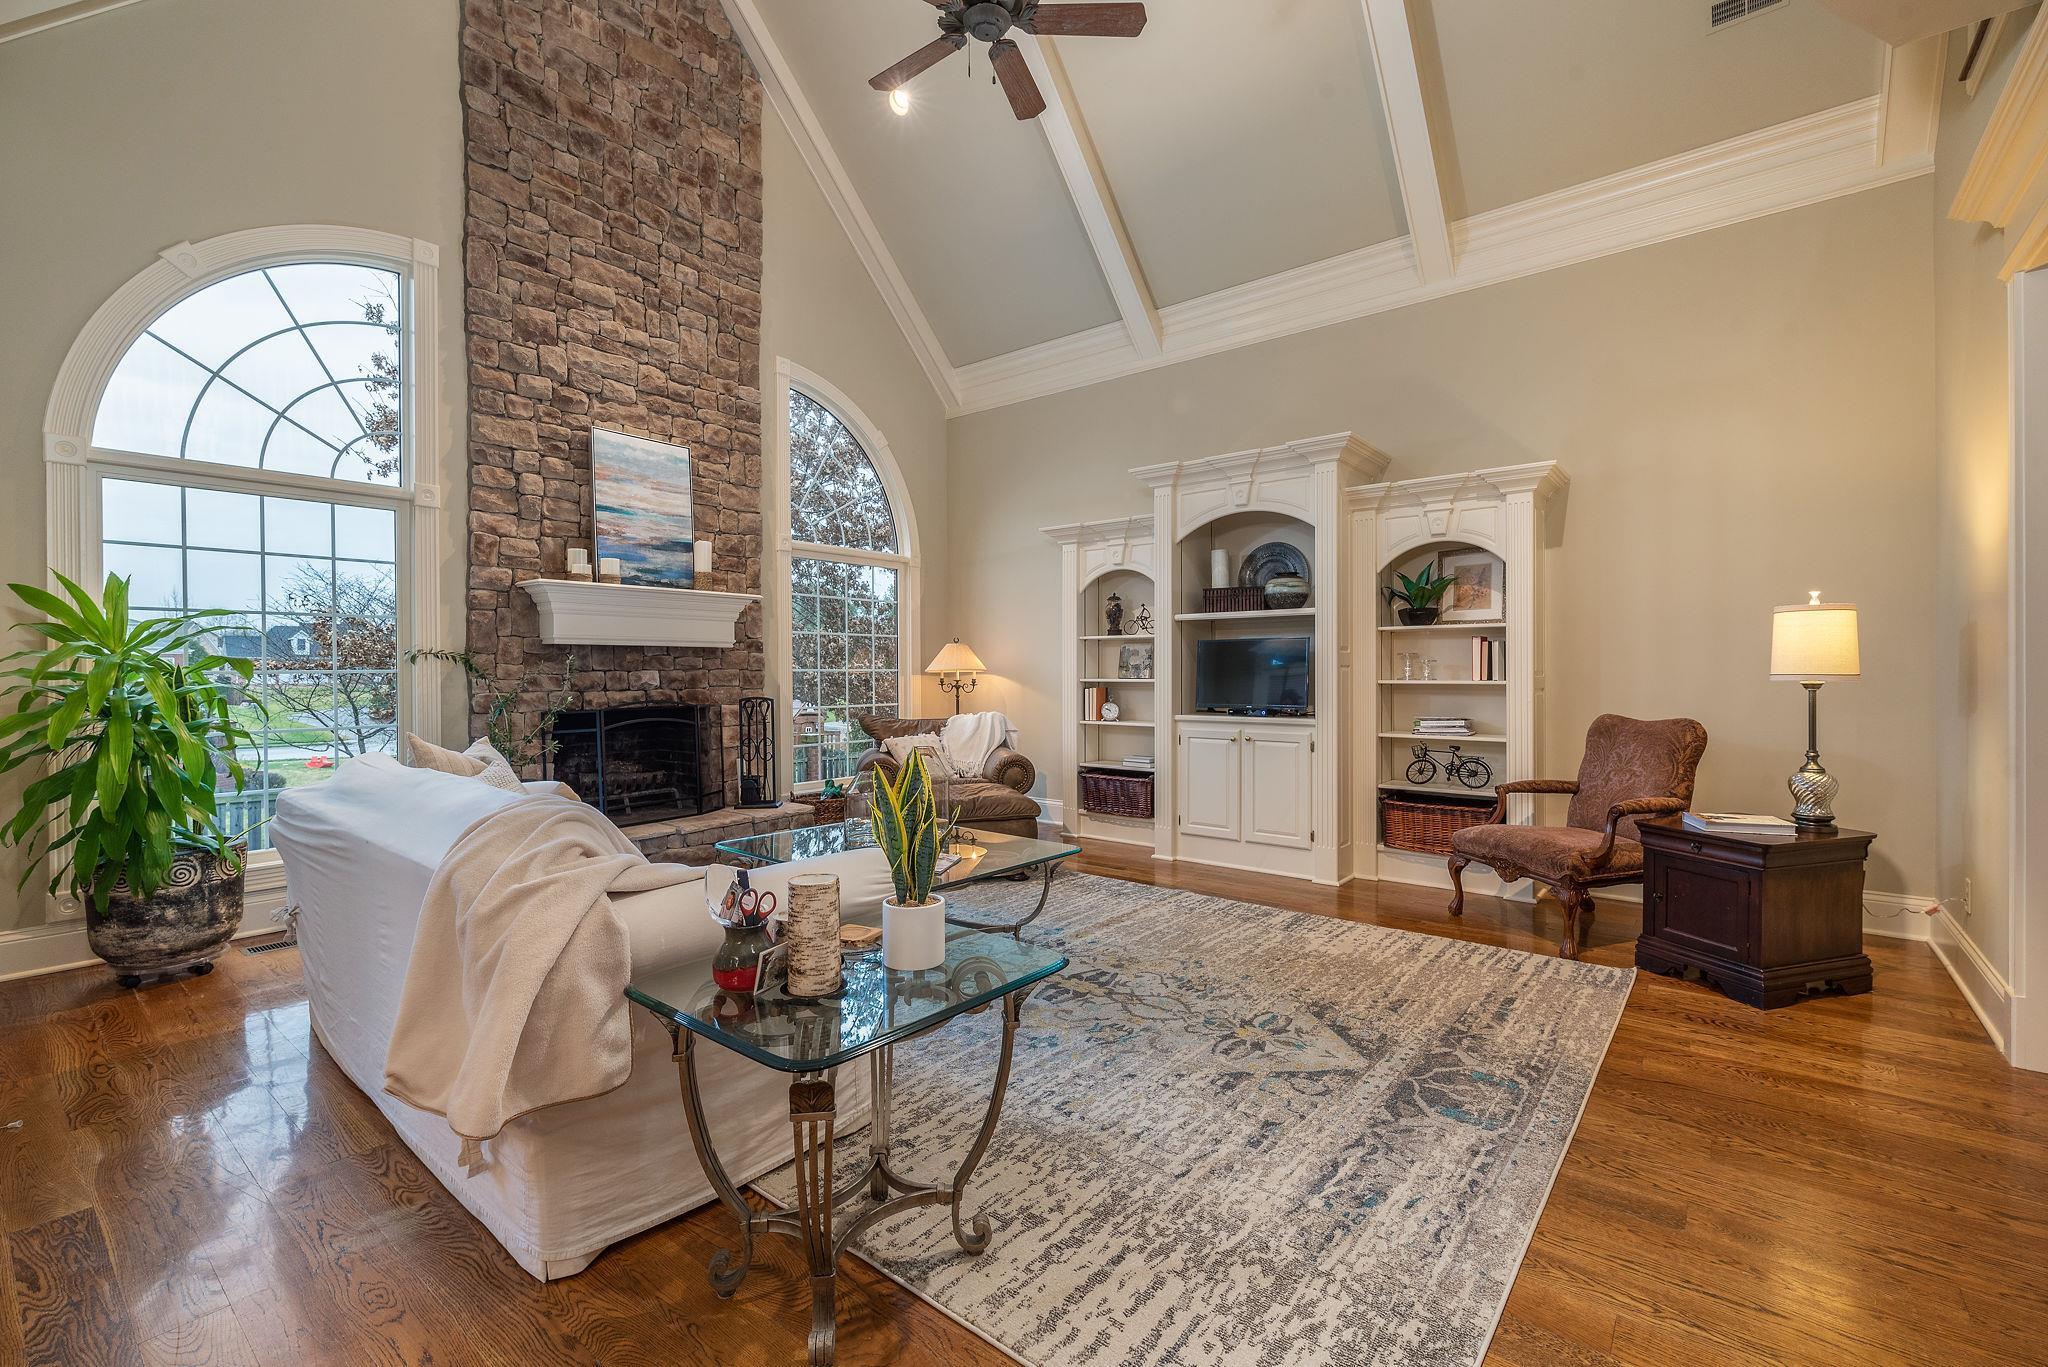 2232 Oakleigh Dr, Murfreesboro, TN 37129 - Murfreesboro, TN real estate listing